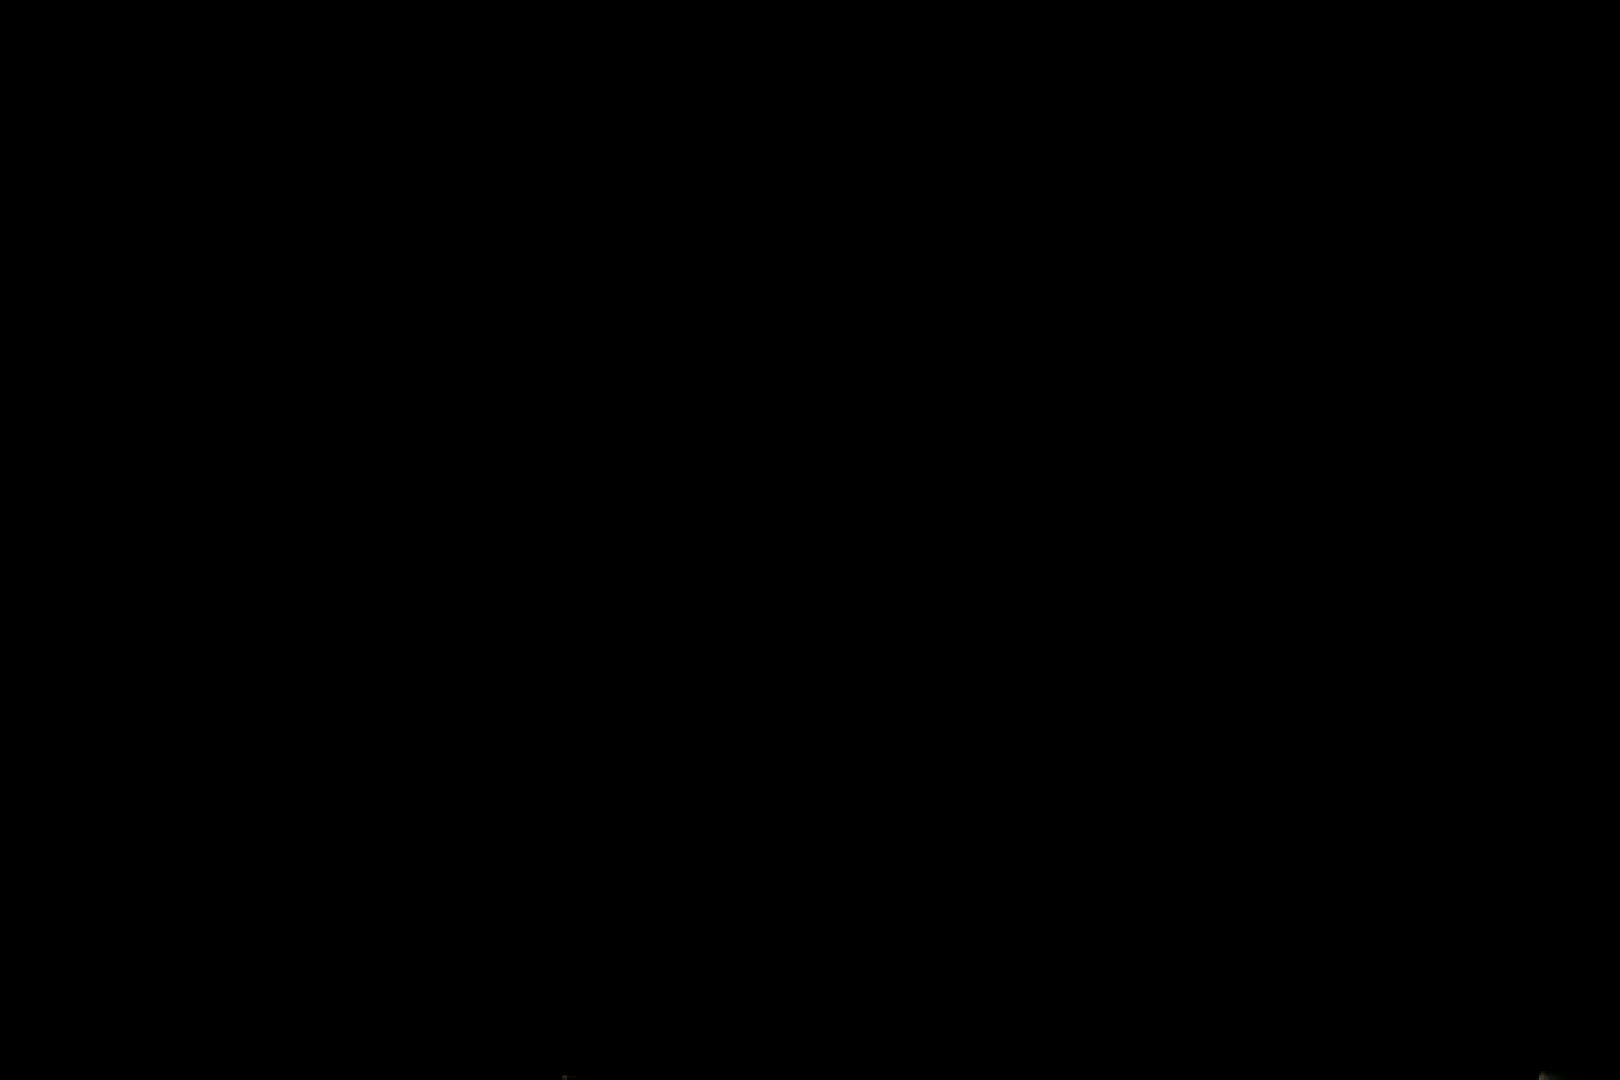 充血監督の深夜の運動会Vol.124 カーセックス | カップル  63画像 31